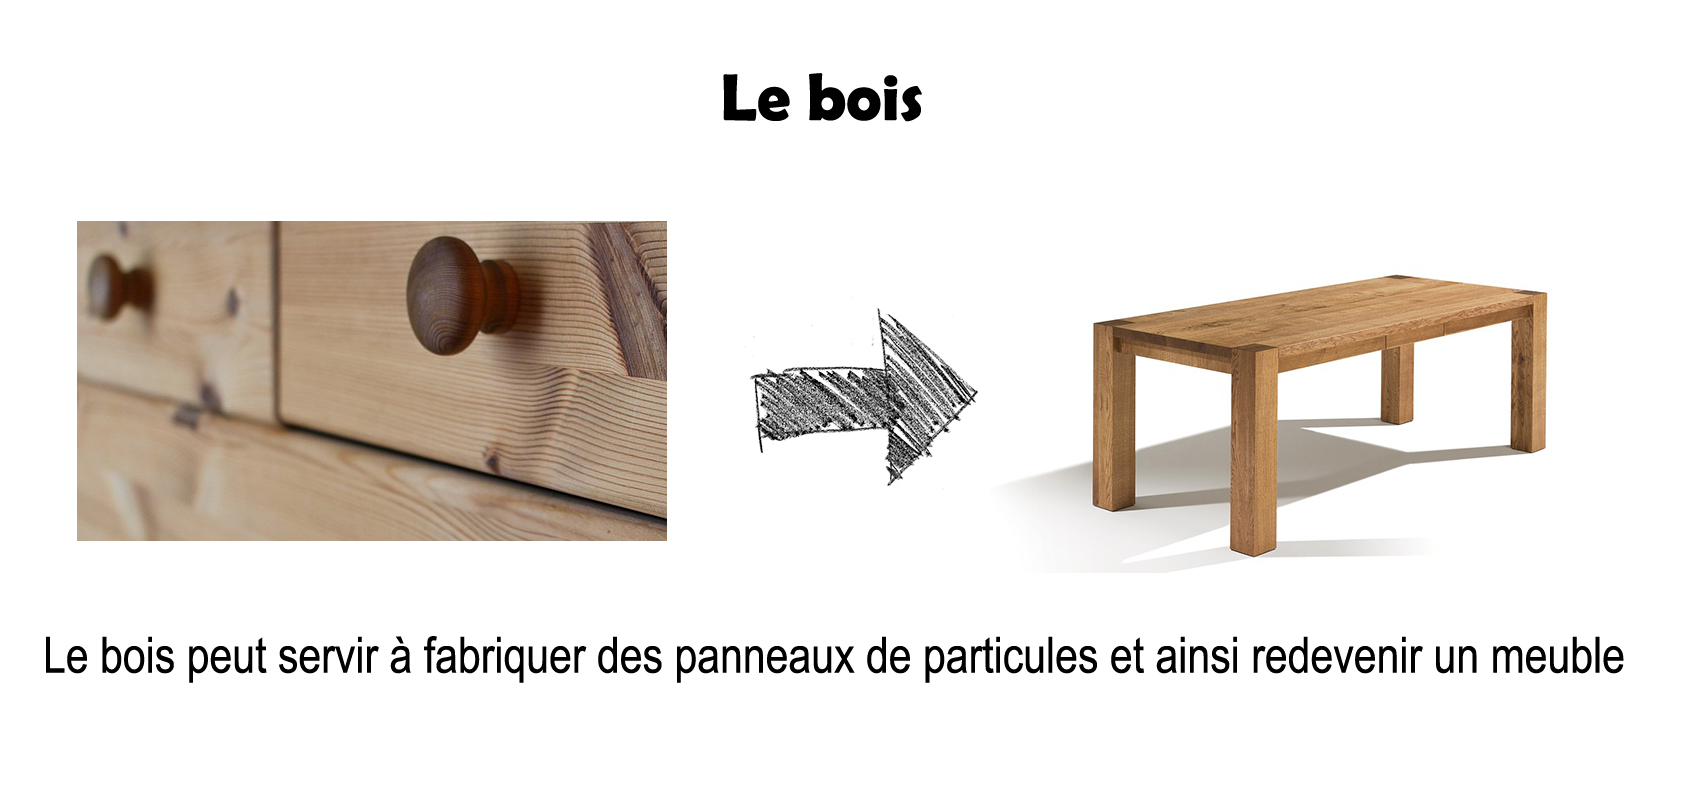 Déchetteries _ Le bois